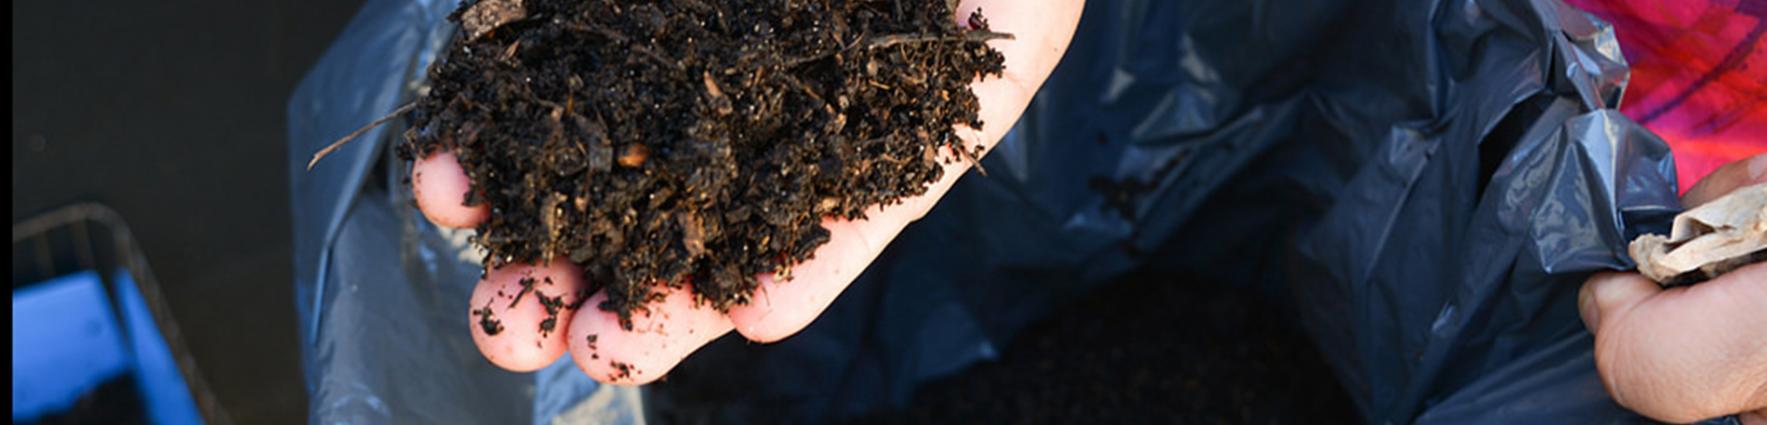 Producir compost hogareño